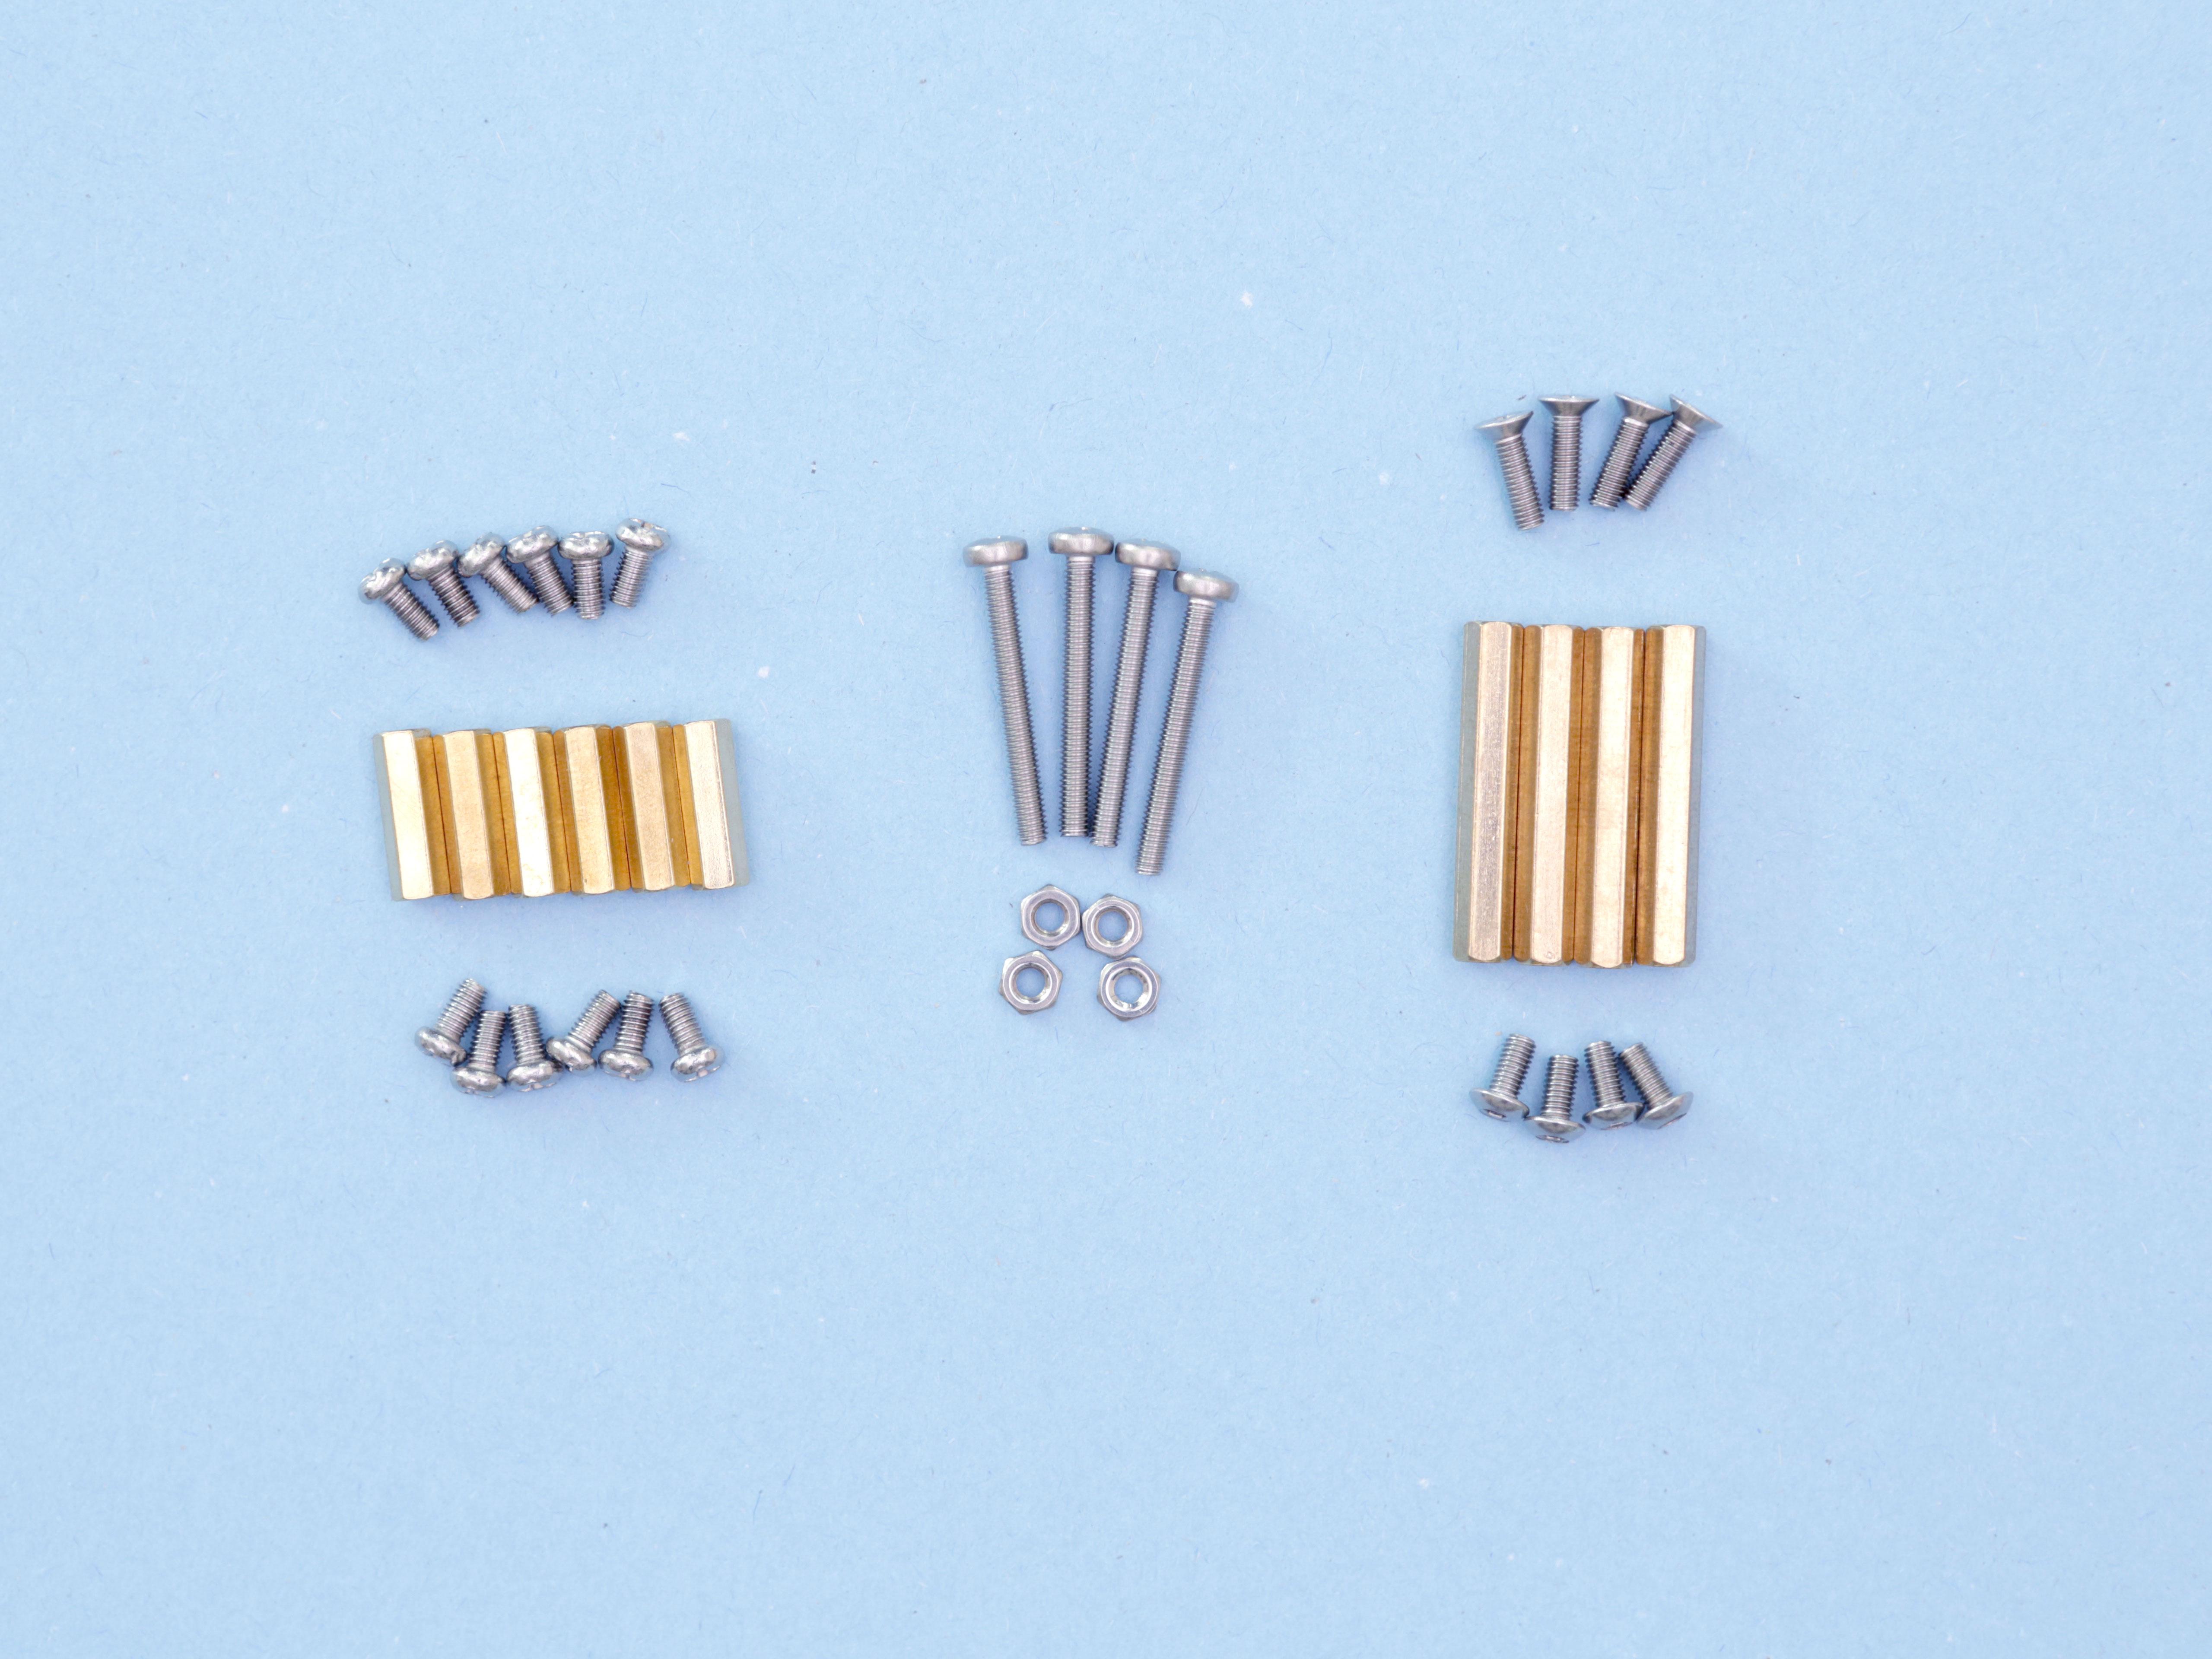 3d_printing_screws-cropped.jpg